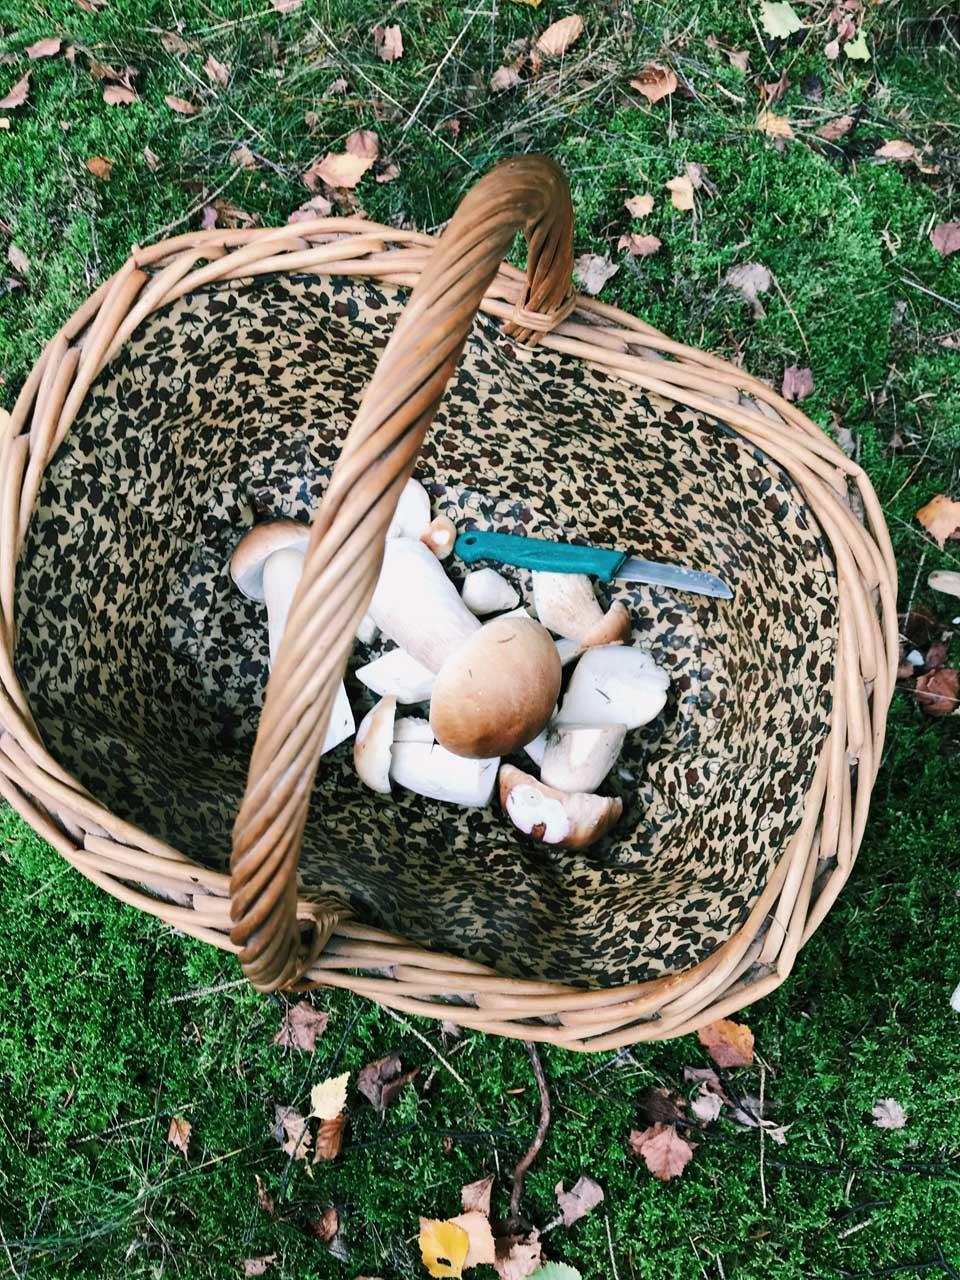 Bucket List für den Herbst, Herbst zelebrieren, Herbst Freude, Ideen für den Herbst, Herbst Ideen, Herbst genießen, Herbst feiern, Kürbis, Halloween, Pilze sammeln, worauf wir uns im Herbst freuen,